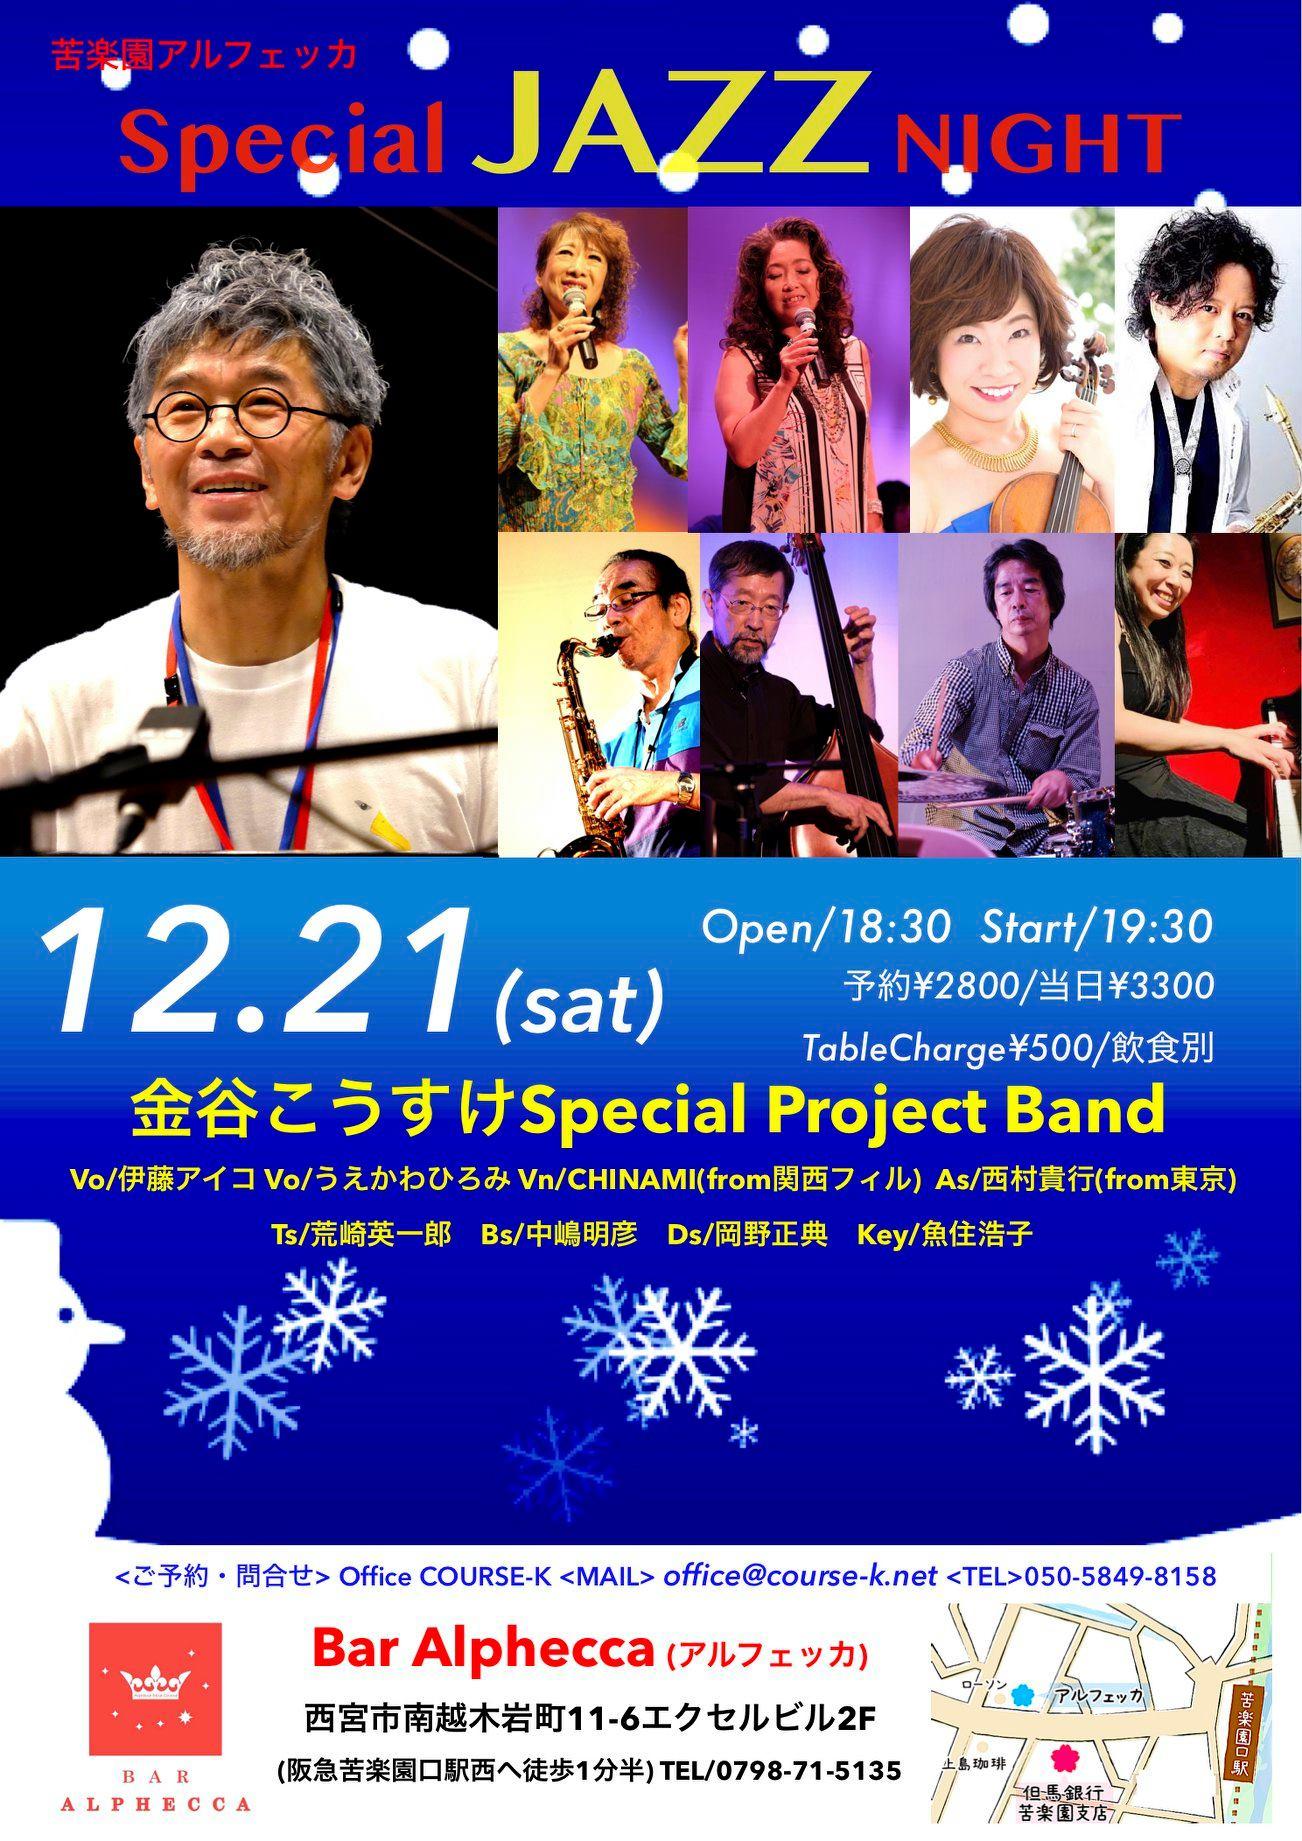 12月21日(土)アルフェッカ(苦楽園)Special Project Band